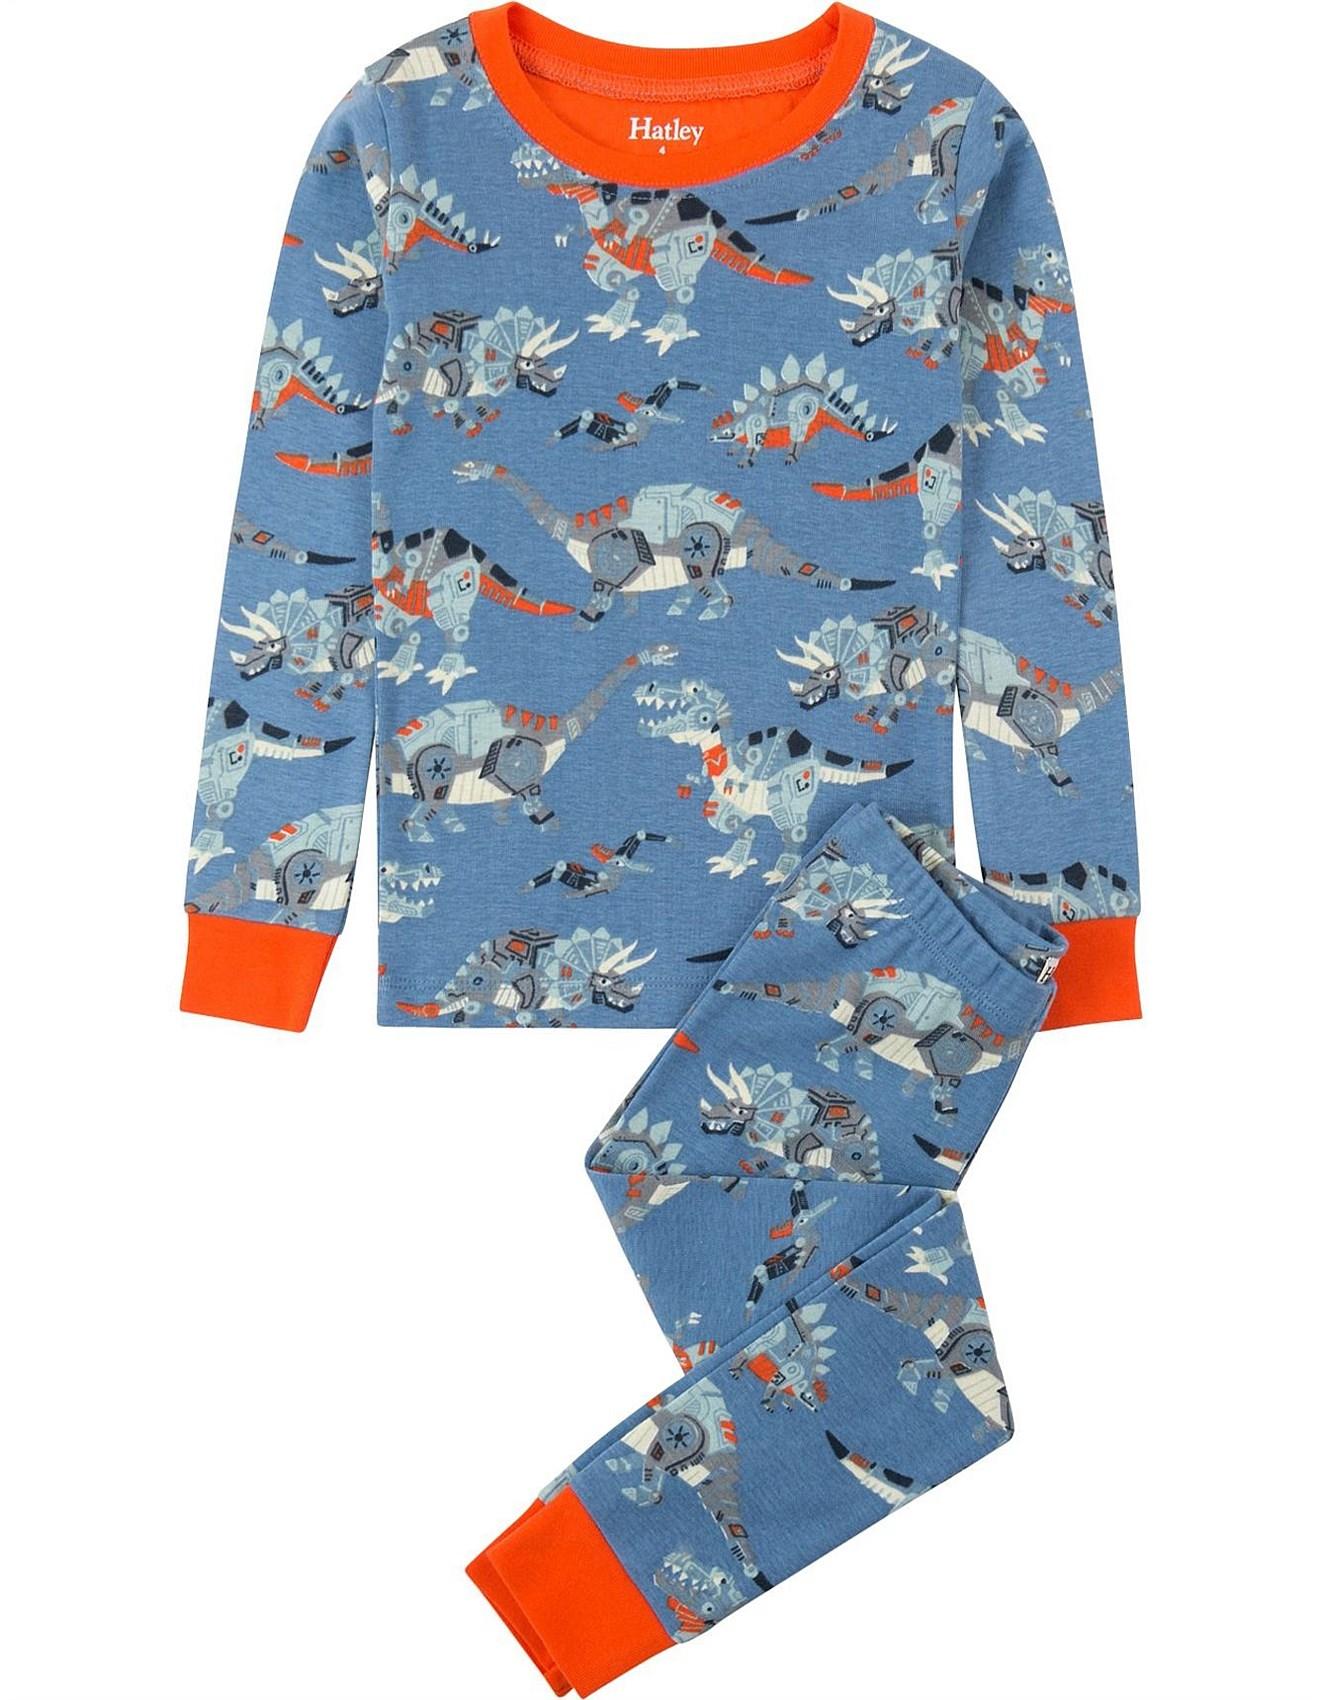 59e62f8f0 Robotic Dinos Organic Cotton Pajama Set